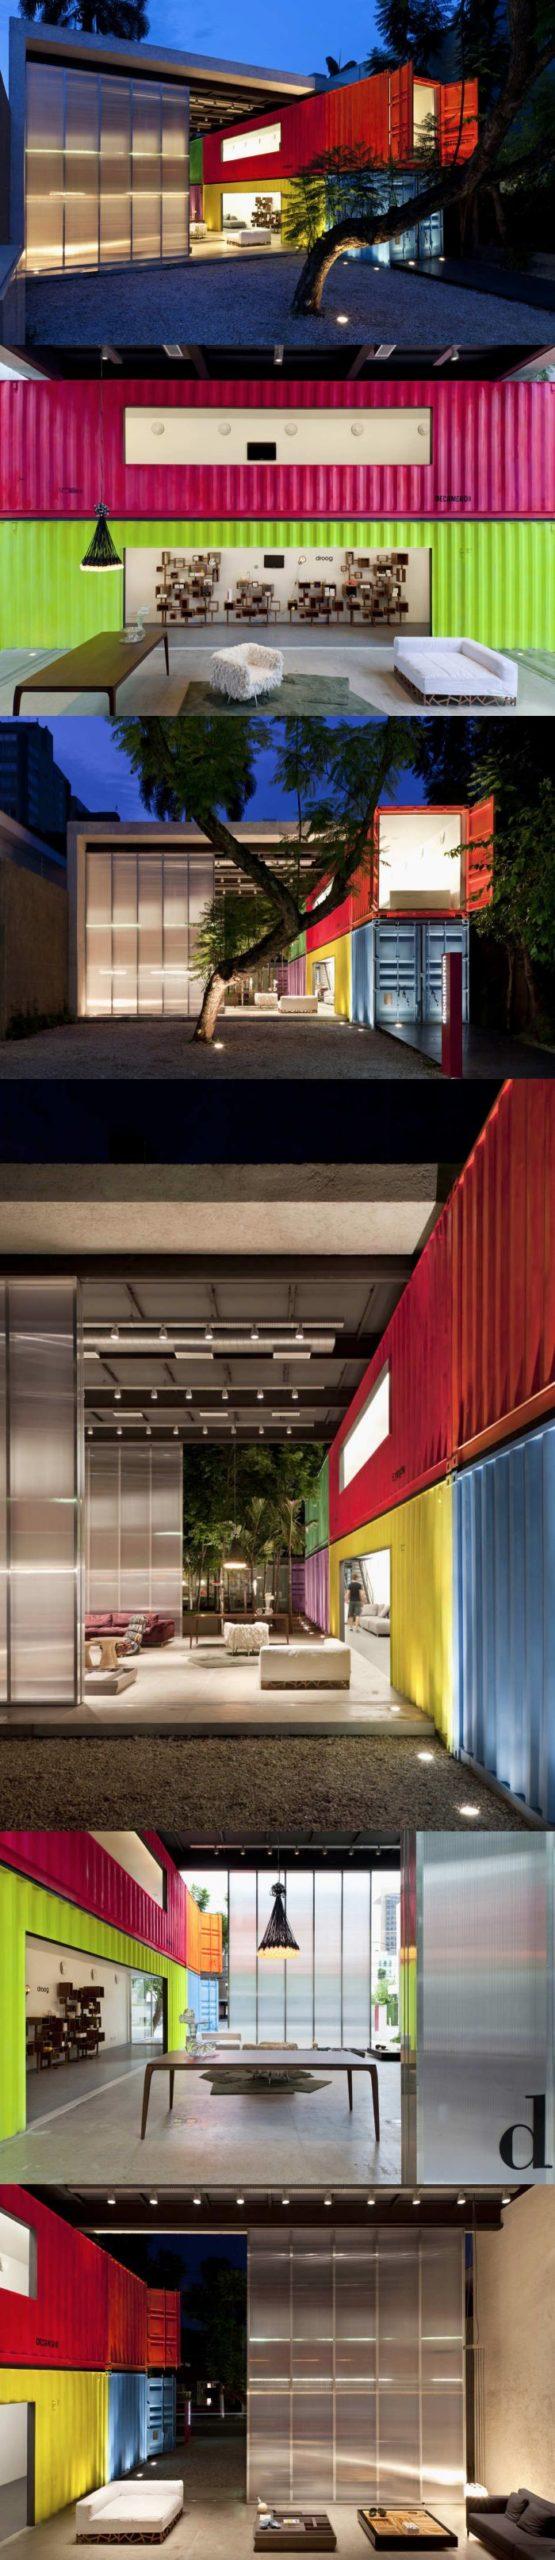 Невероятно, что можно сделать из морских контейнеров. ТОП 25